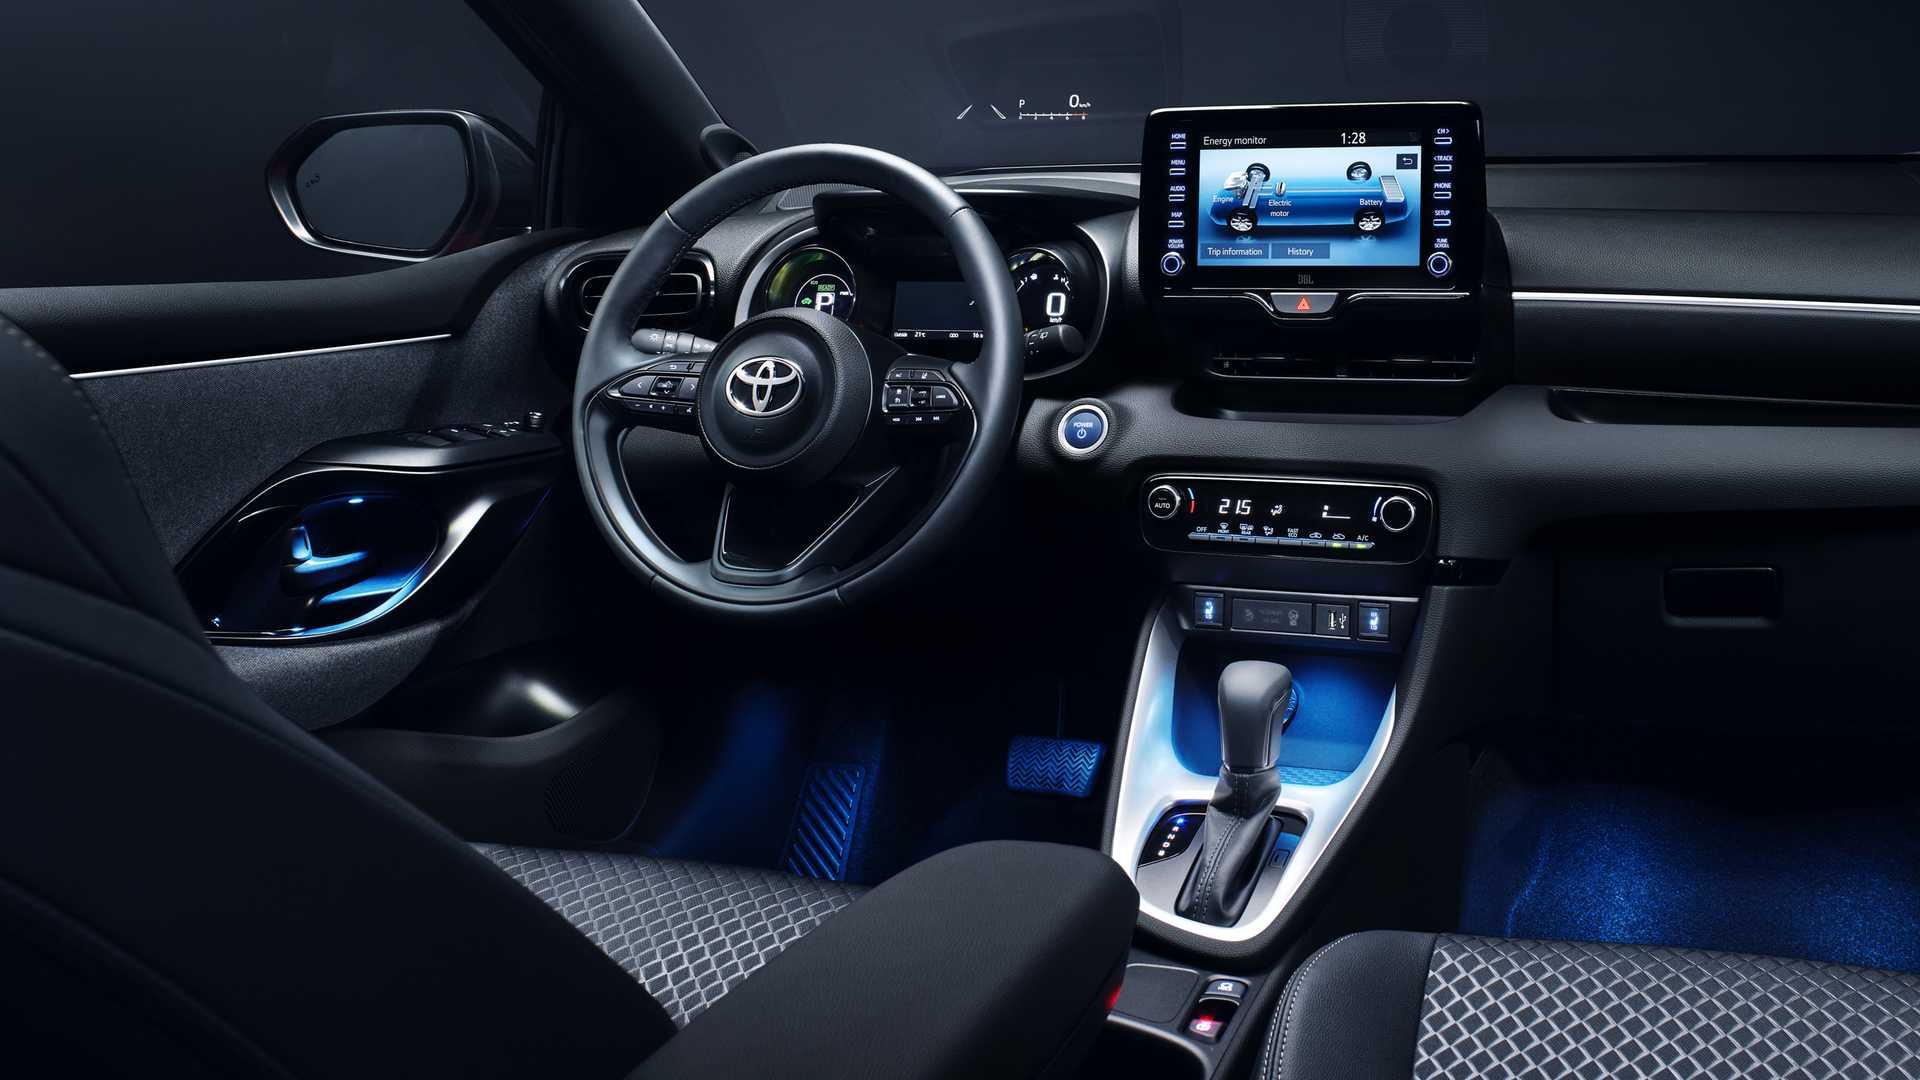 TMS19 - Toyota Yaris 2020: nền tảng mới hoàn toàn, thiết kế mới, có phiên bản hybrid | Tinh tế